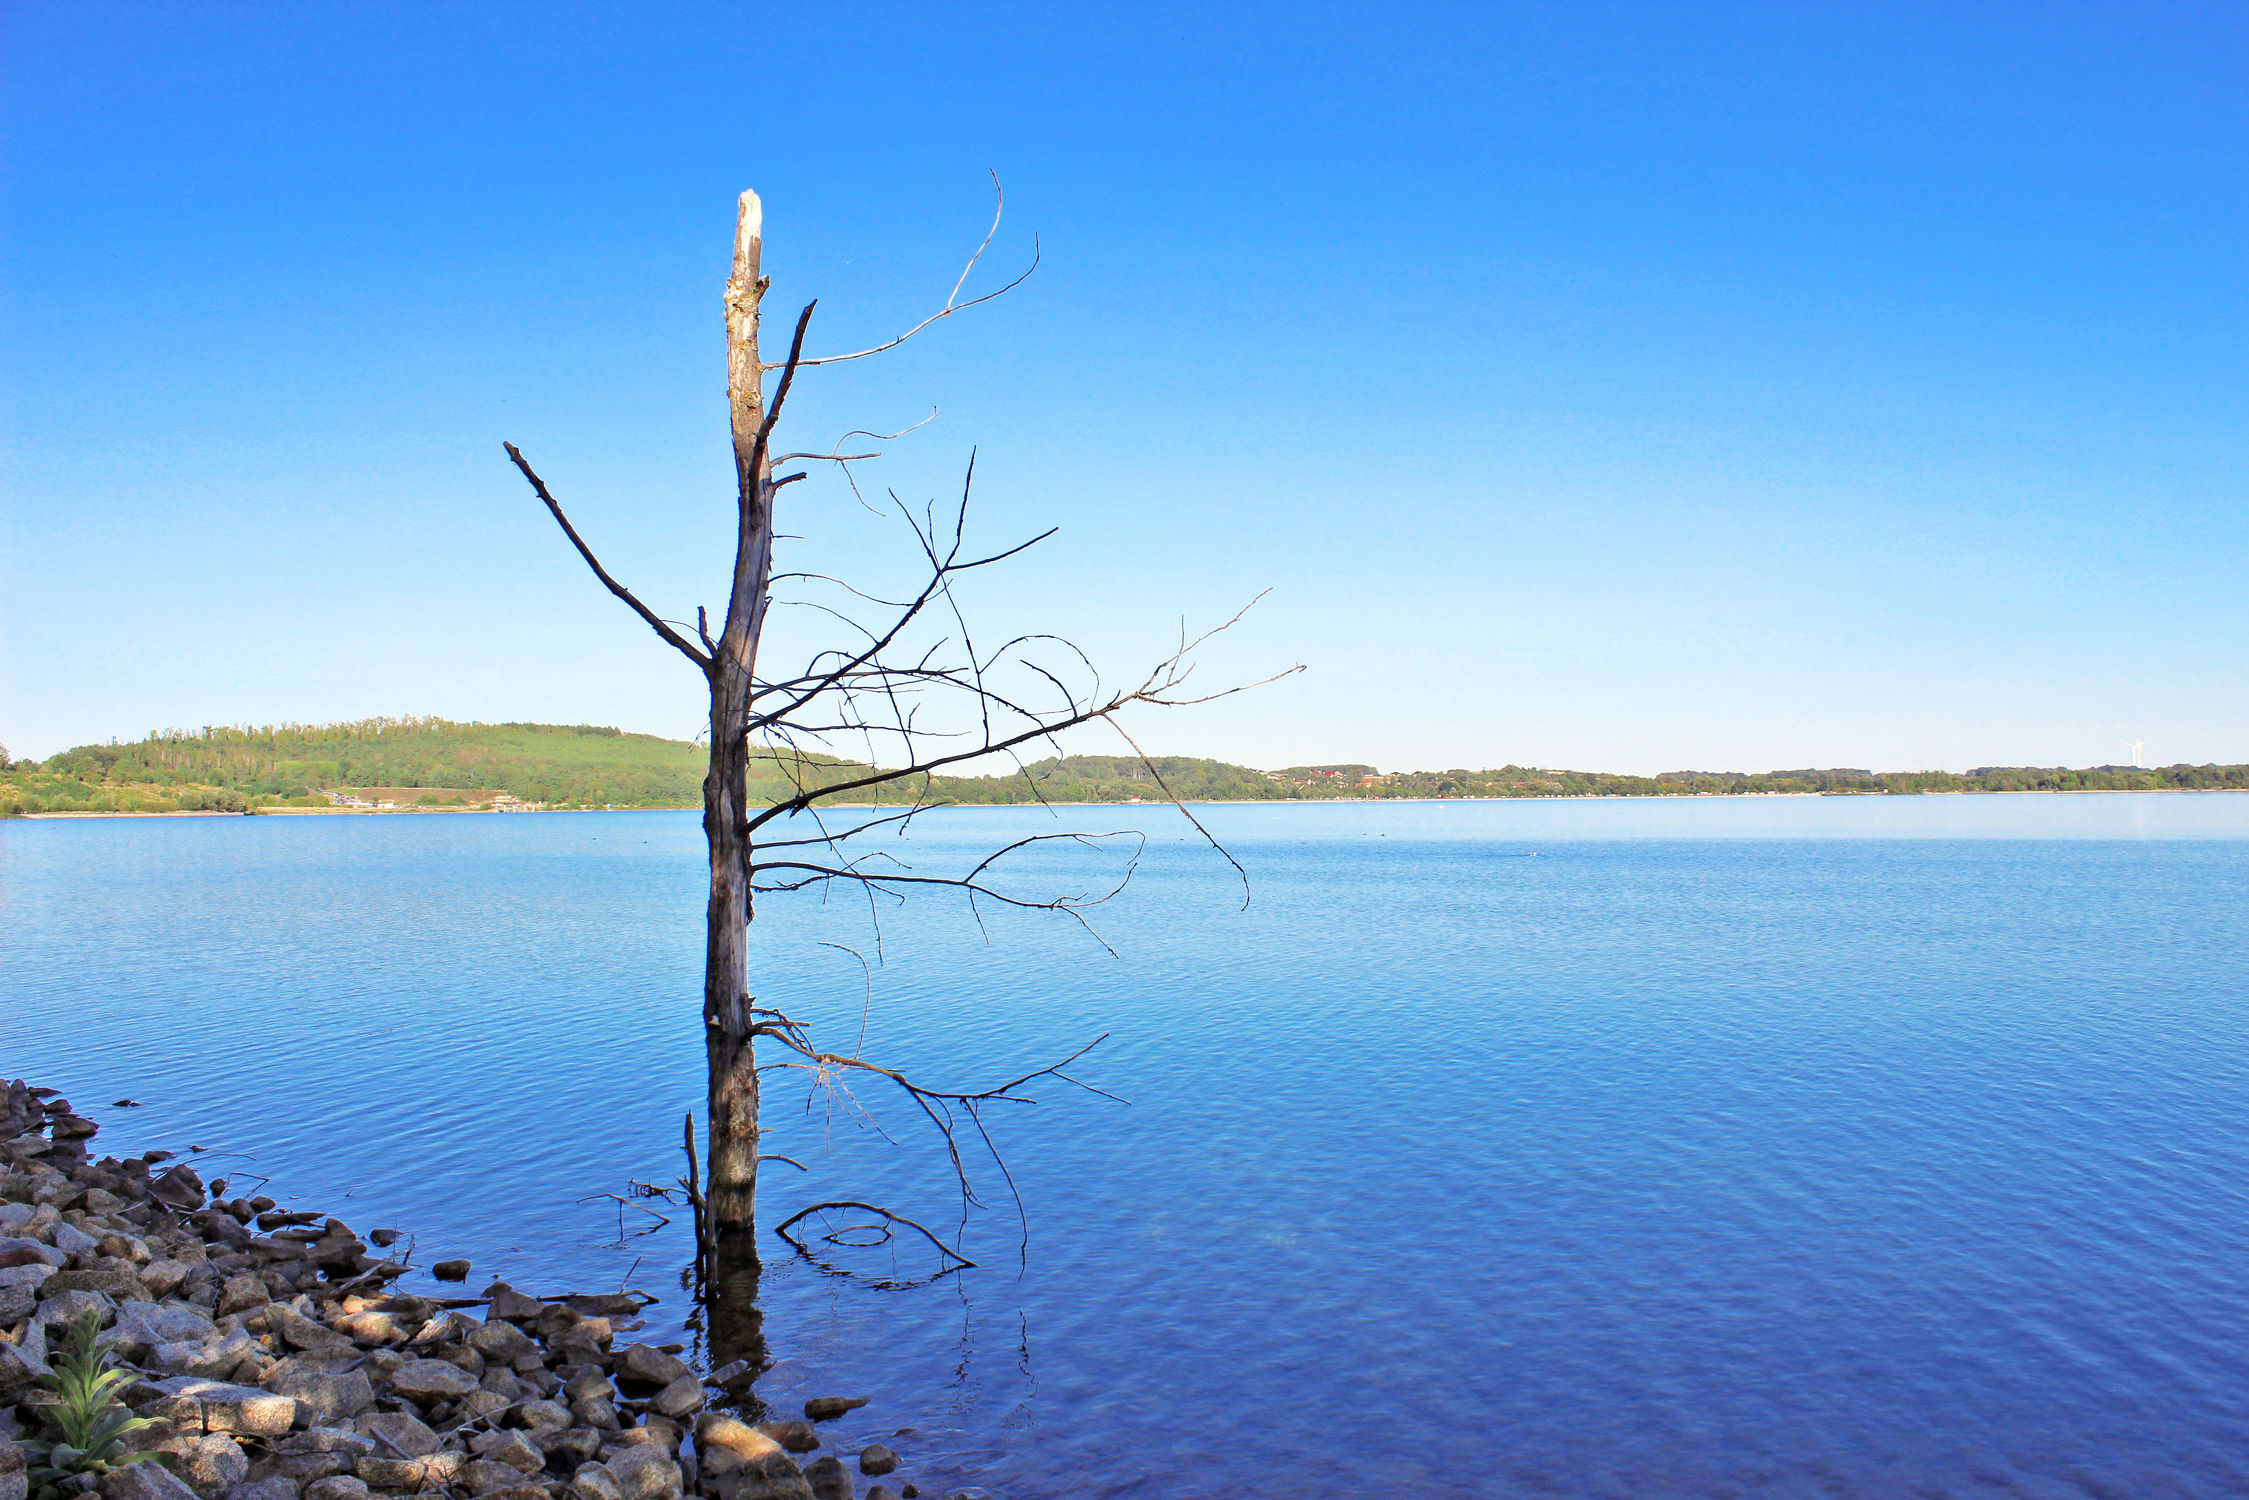 Bild mit Gewässer, Horizont, Seeblick, See, Berzdorfer See, Görlitzer See, Toter Baum, Seelandschaft